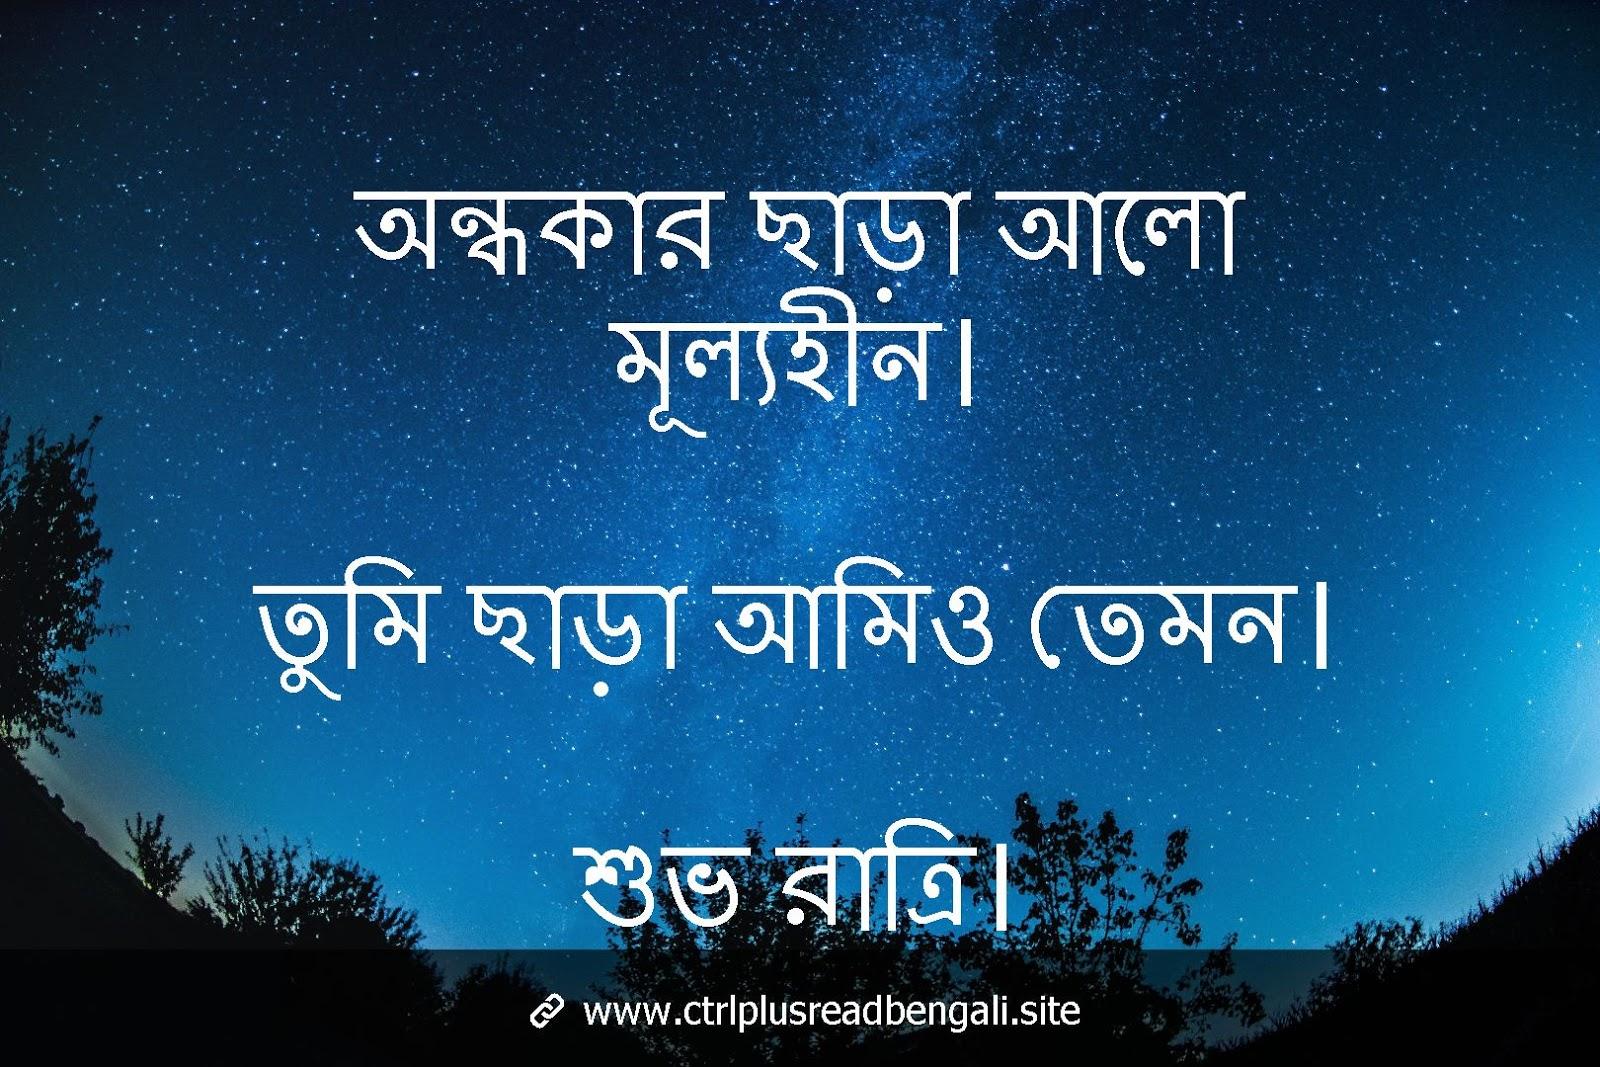 bengali good night shayari